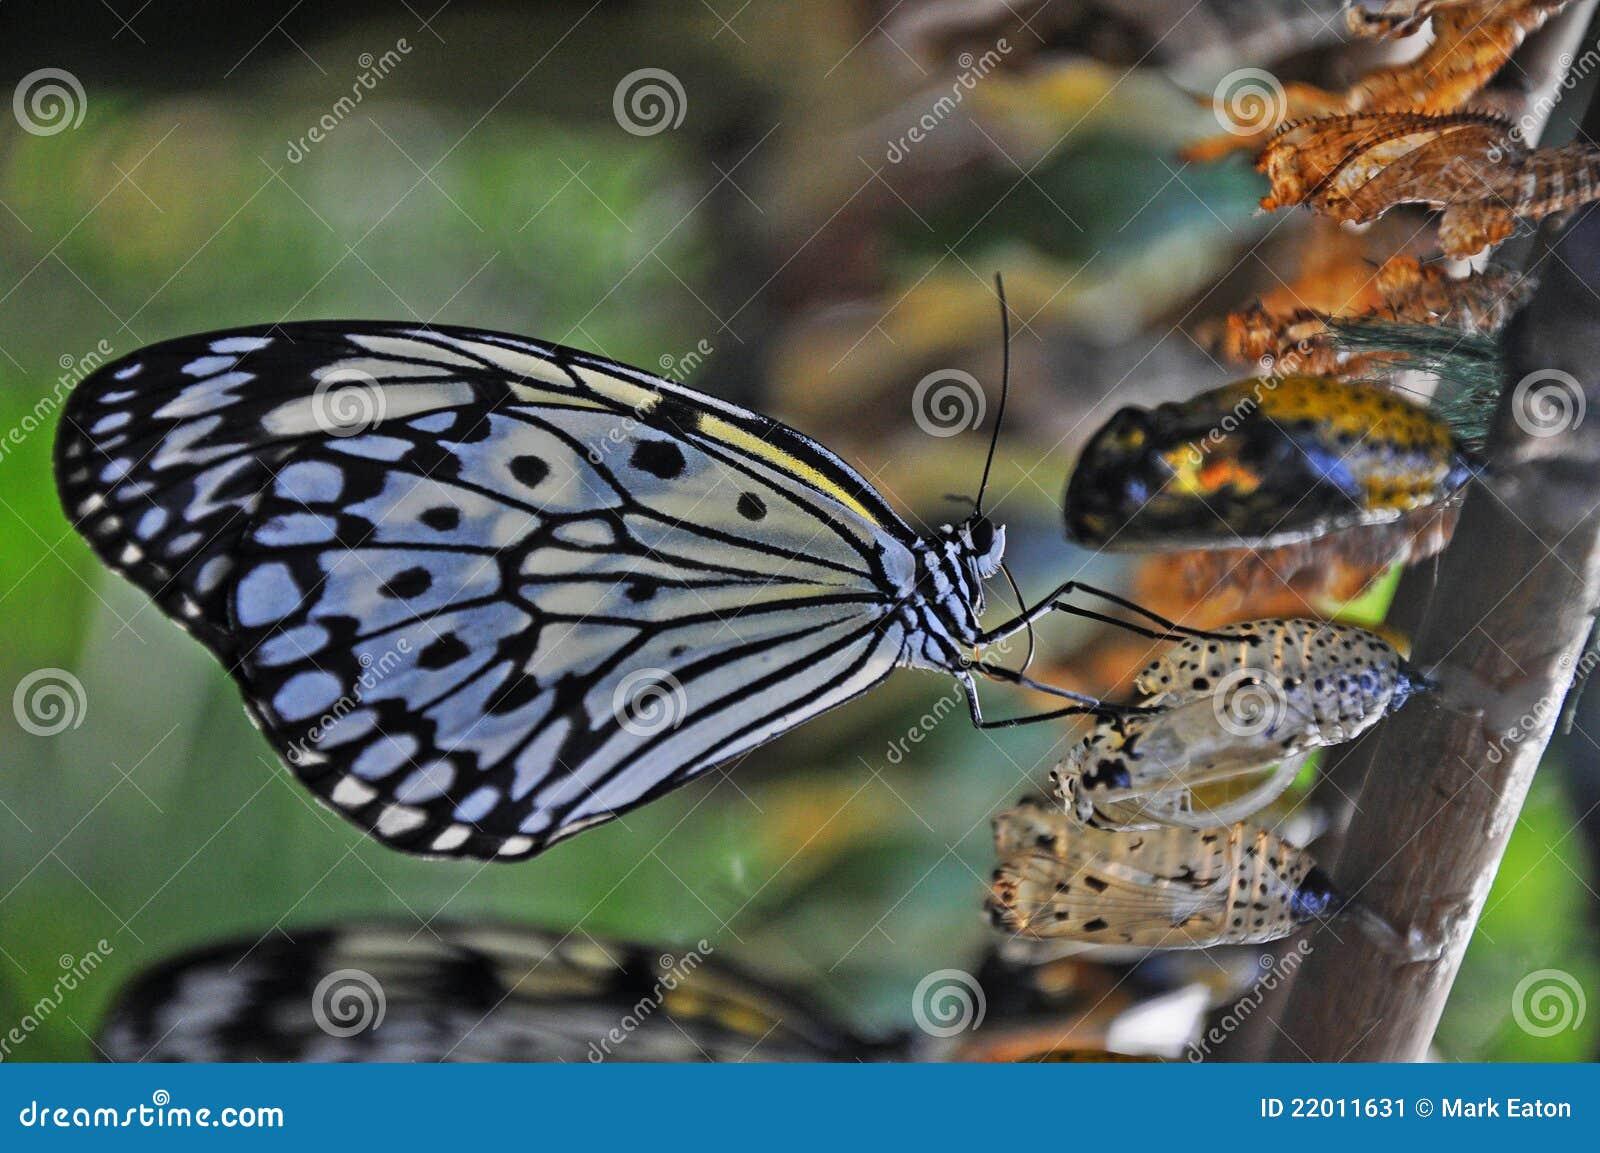 Eben ausgebrütete Swallowtail Basisrecheneinheit